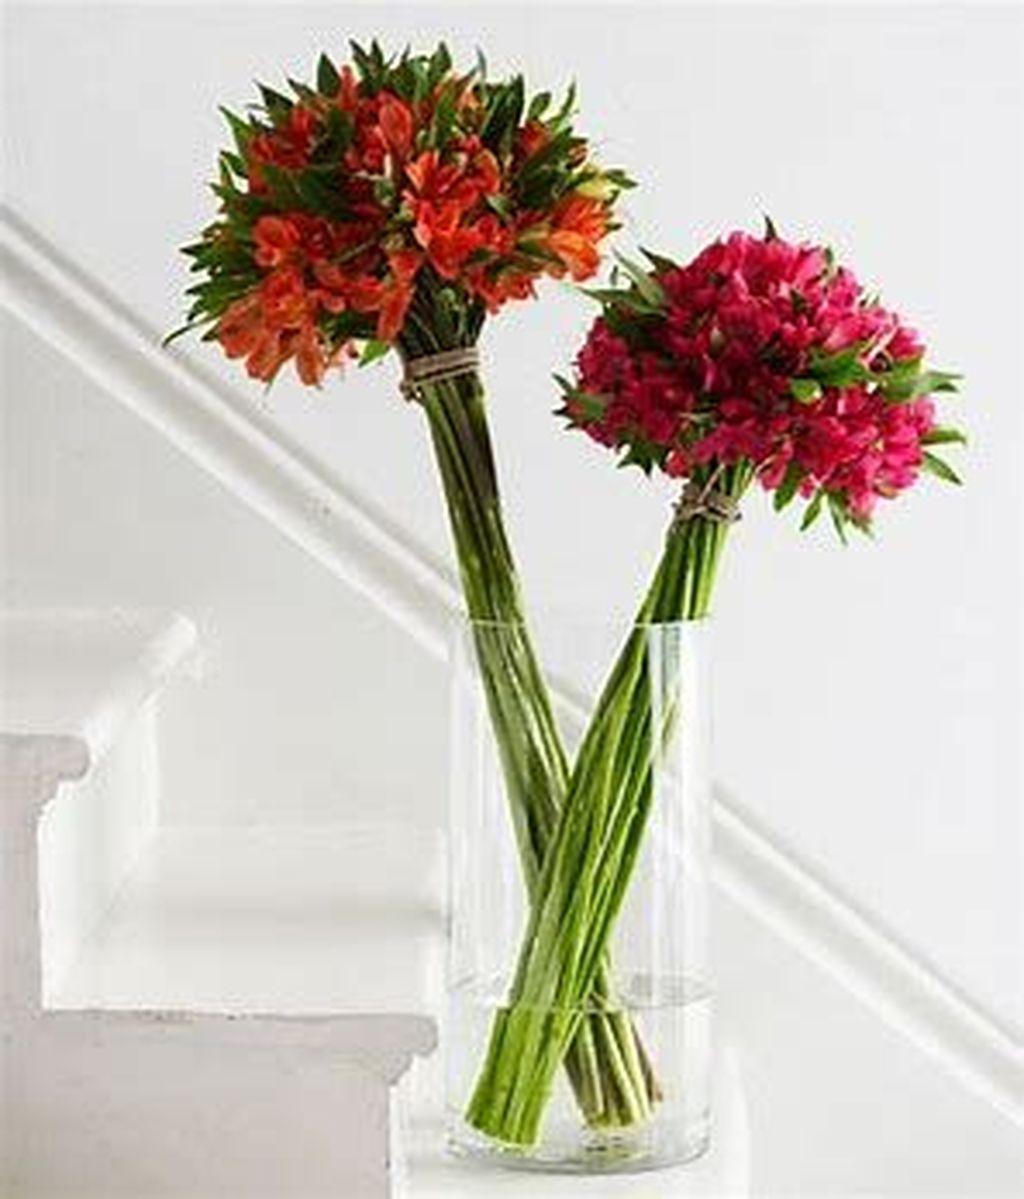 Amazing Unique Flower Arrangements Ideas For Your Home Decor 21